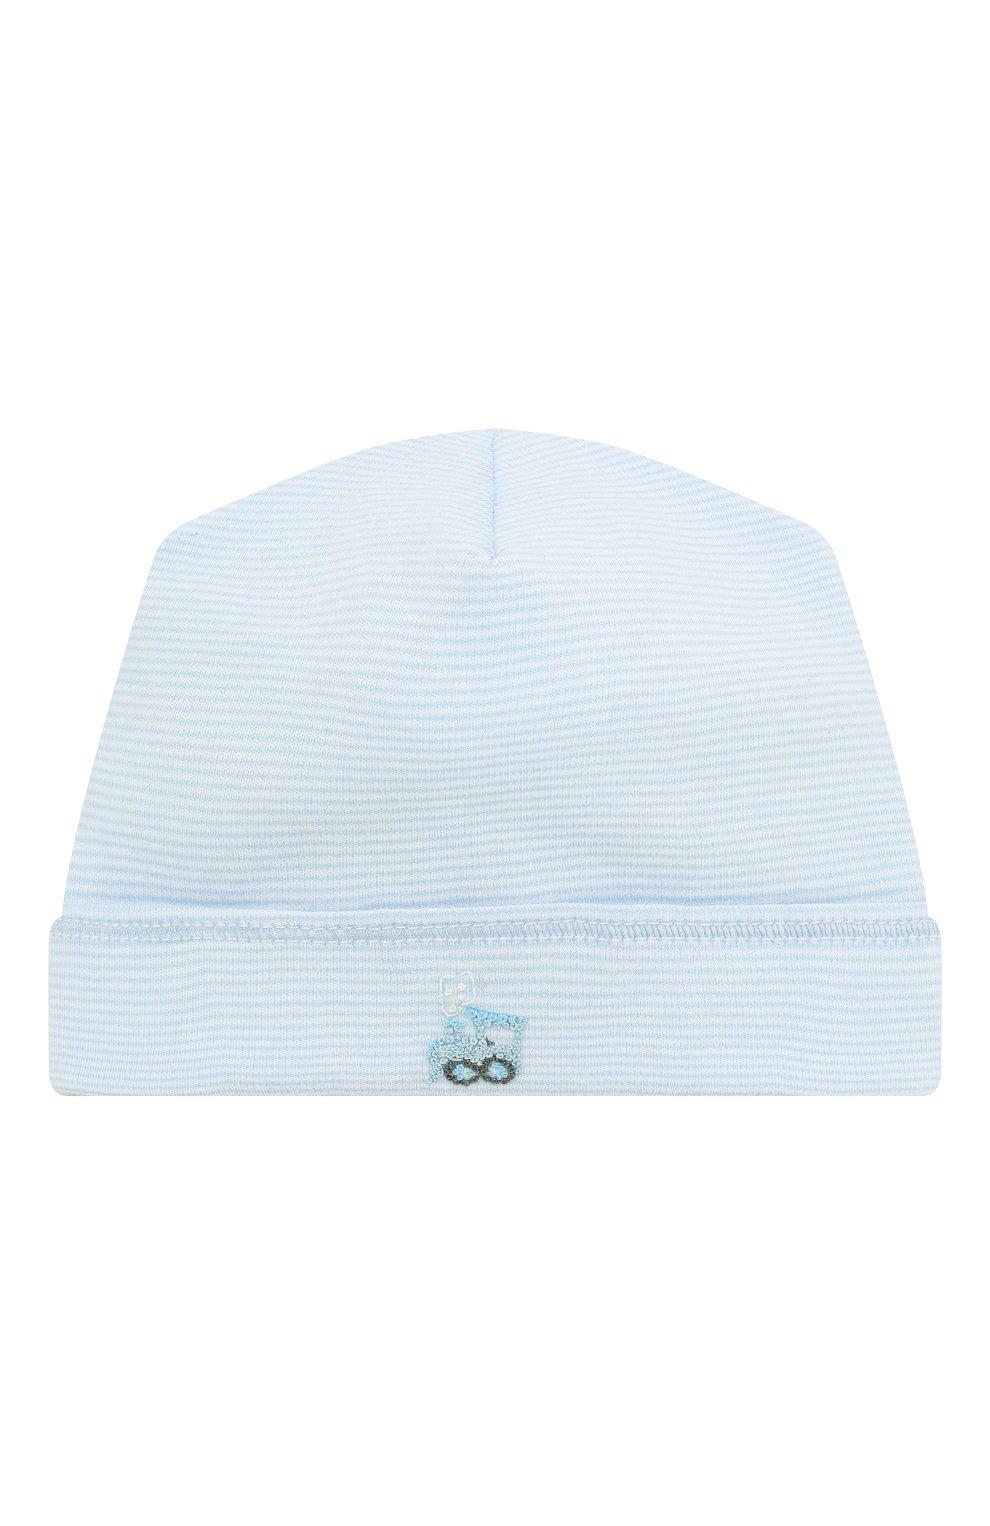 Детского шапка tiny choo choo MAGNOLIA BABY голубого цвета, арт. 569-50-LB | Фото 1 (Материал: Текстиль, Хлопок; Кросс-КТ НВ: Шапочки-аксессуары)